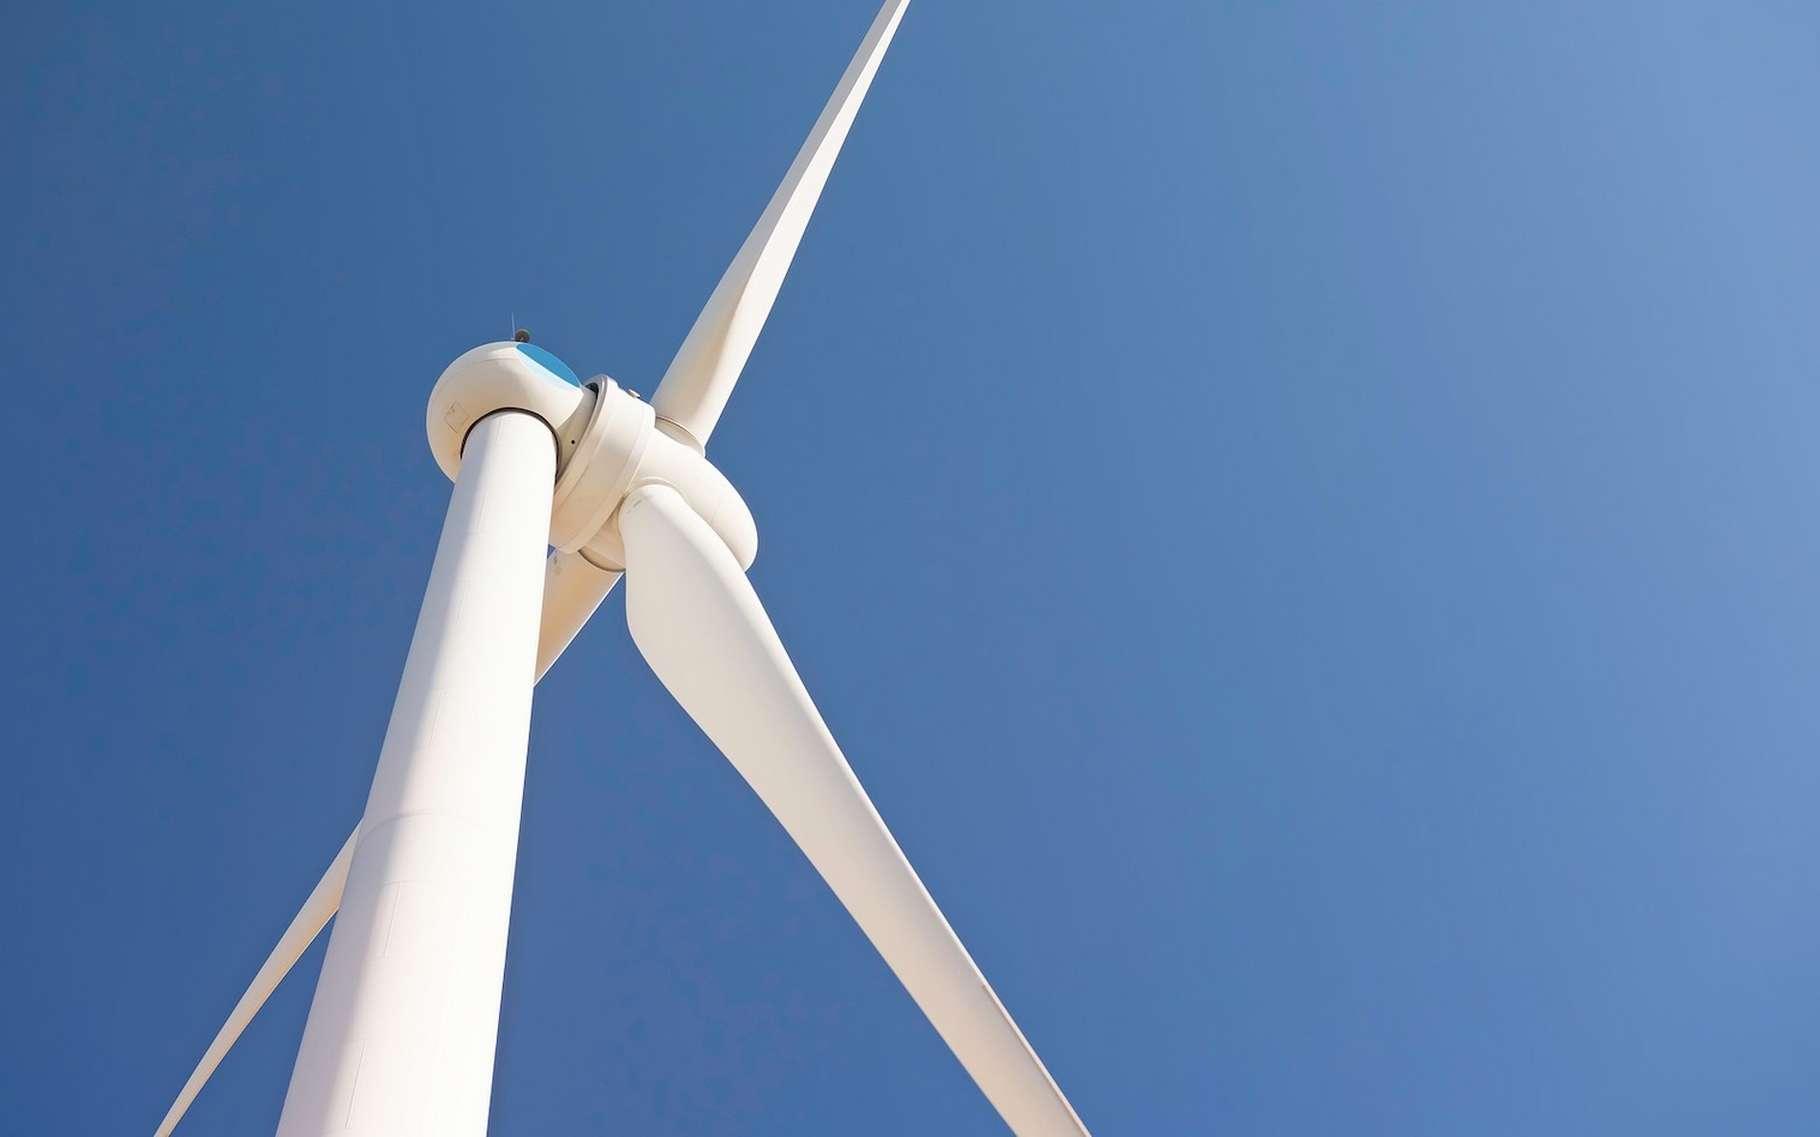 Même si les pales des éoliennes ne représentent qu'une faible part de leur poids total, leur recyclage pose problème. Un problème que l'arrivée sur le marché de composites thermoplastiques devrait aider à résoudre. © www_slon_pics, Pixabay License